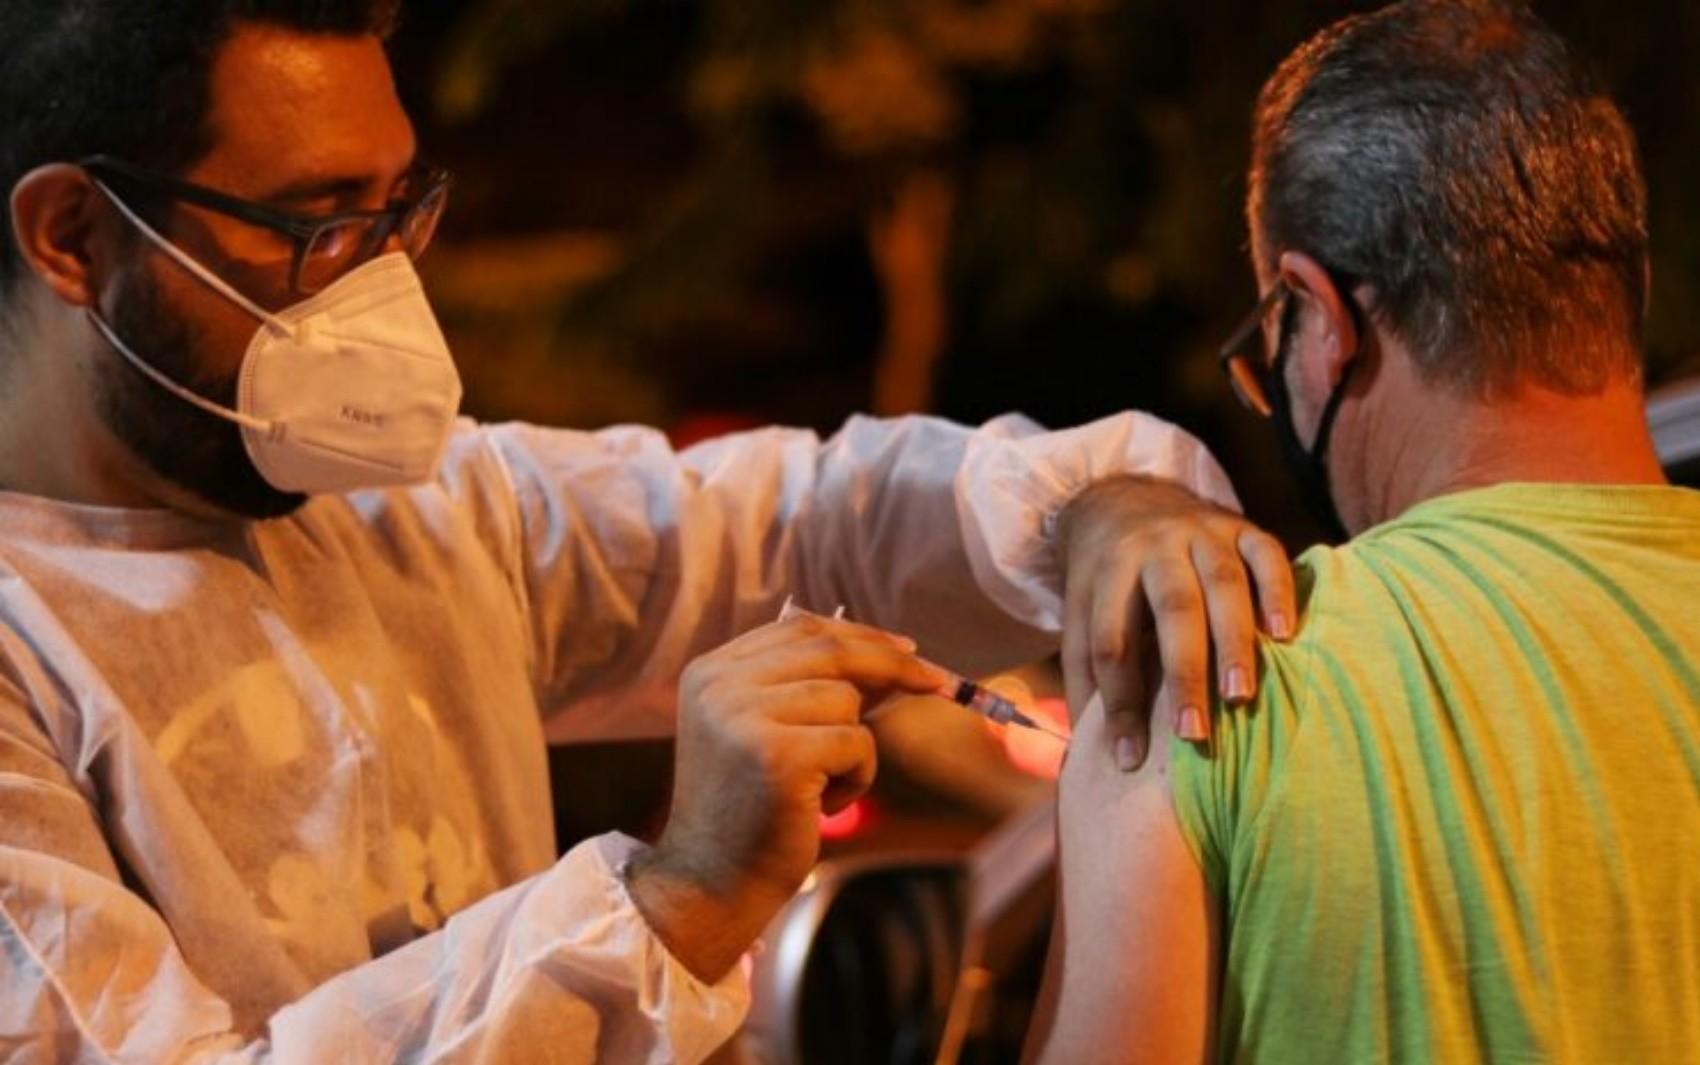 Goiânia retoma vacinação de 1ª dose contra a Covid-19 após chegada de vacinas